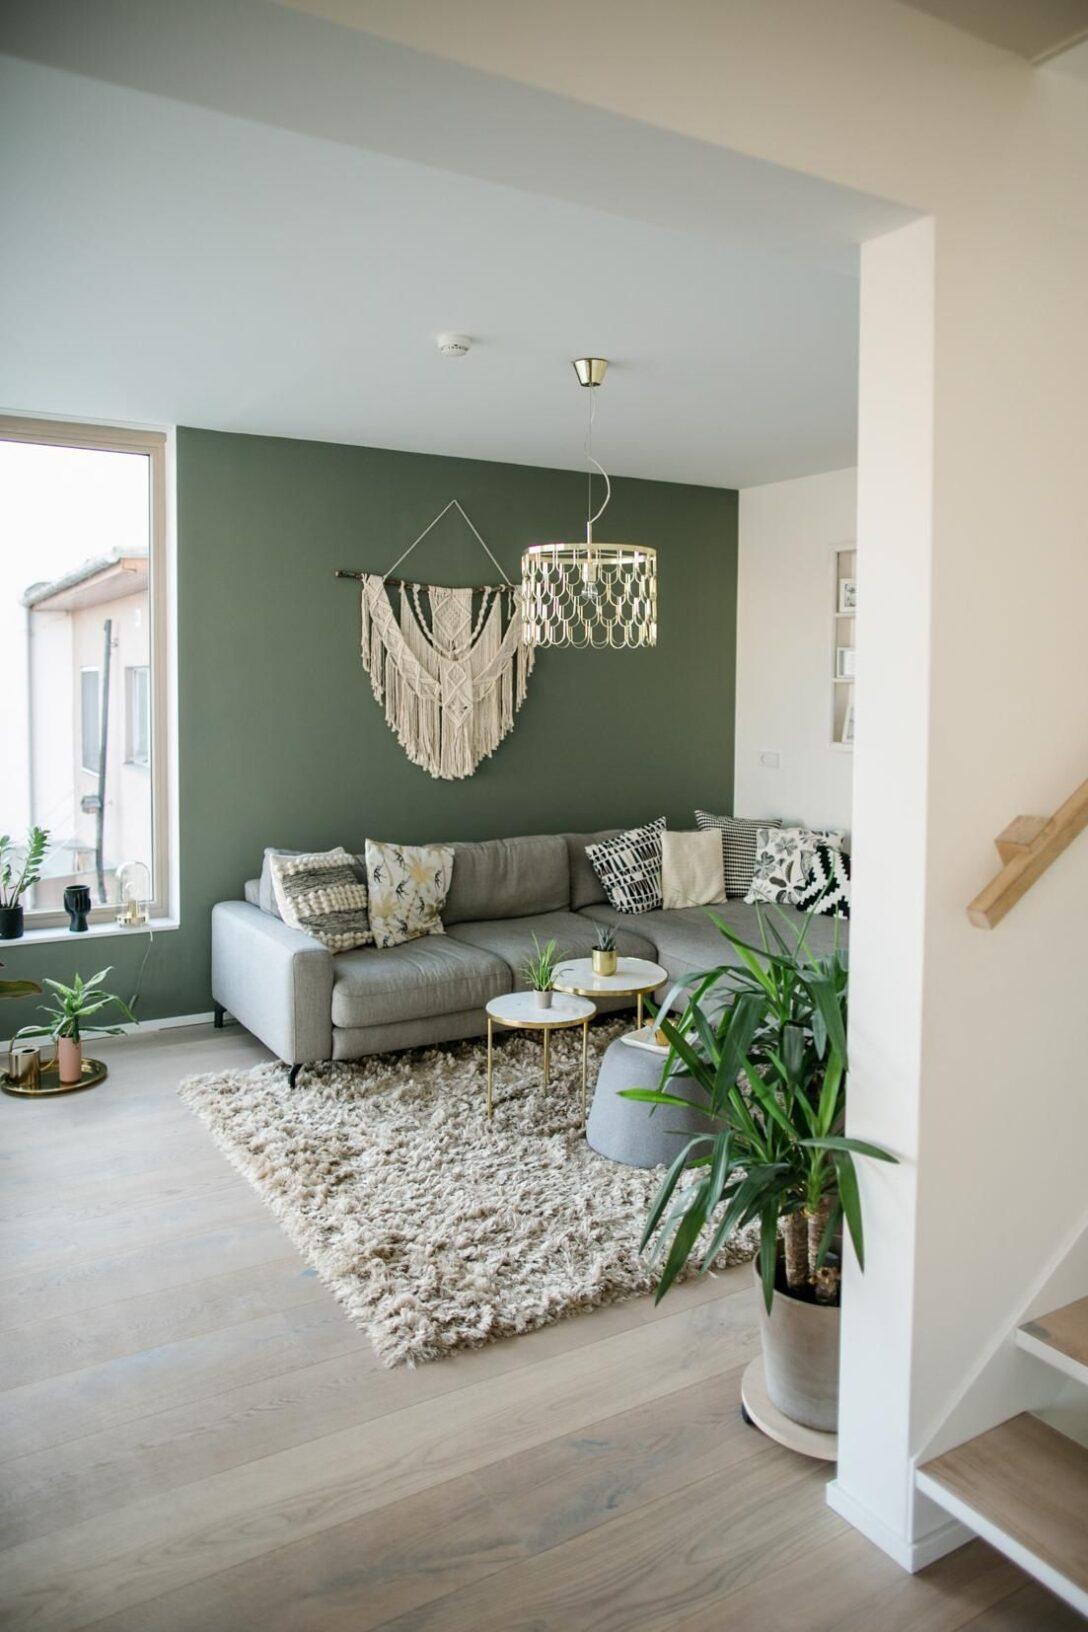 Large Size of Landhausküche Wandfarbe Wohnzimmer Mit Grner Moderne Grau Weiß Weisse Gebraucht Wohnzimmer Landhausküche Wandfarbe